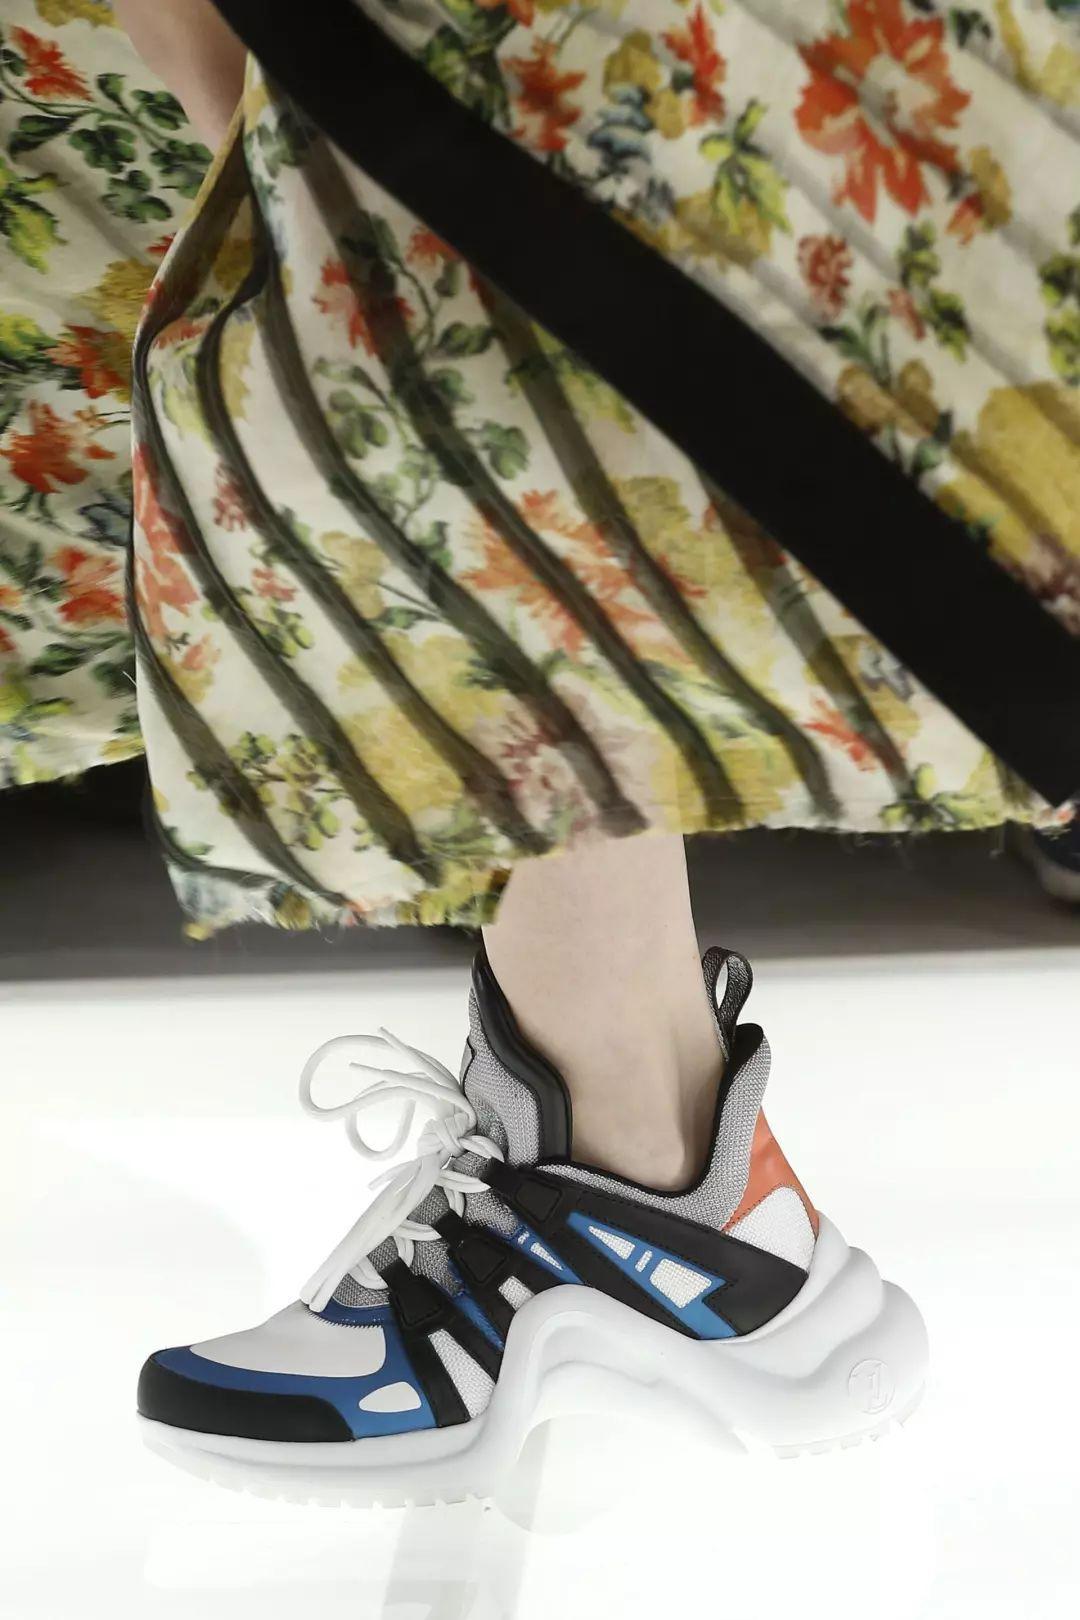 lv gucci还有prada_老爹鞋 | Gucci,LV等大牌今年都主推的运动鞋,晚了根本抢不到!